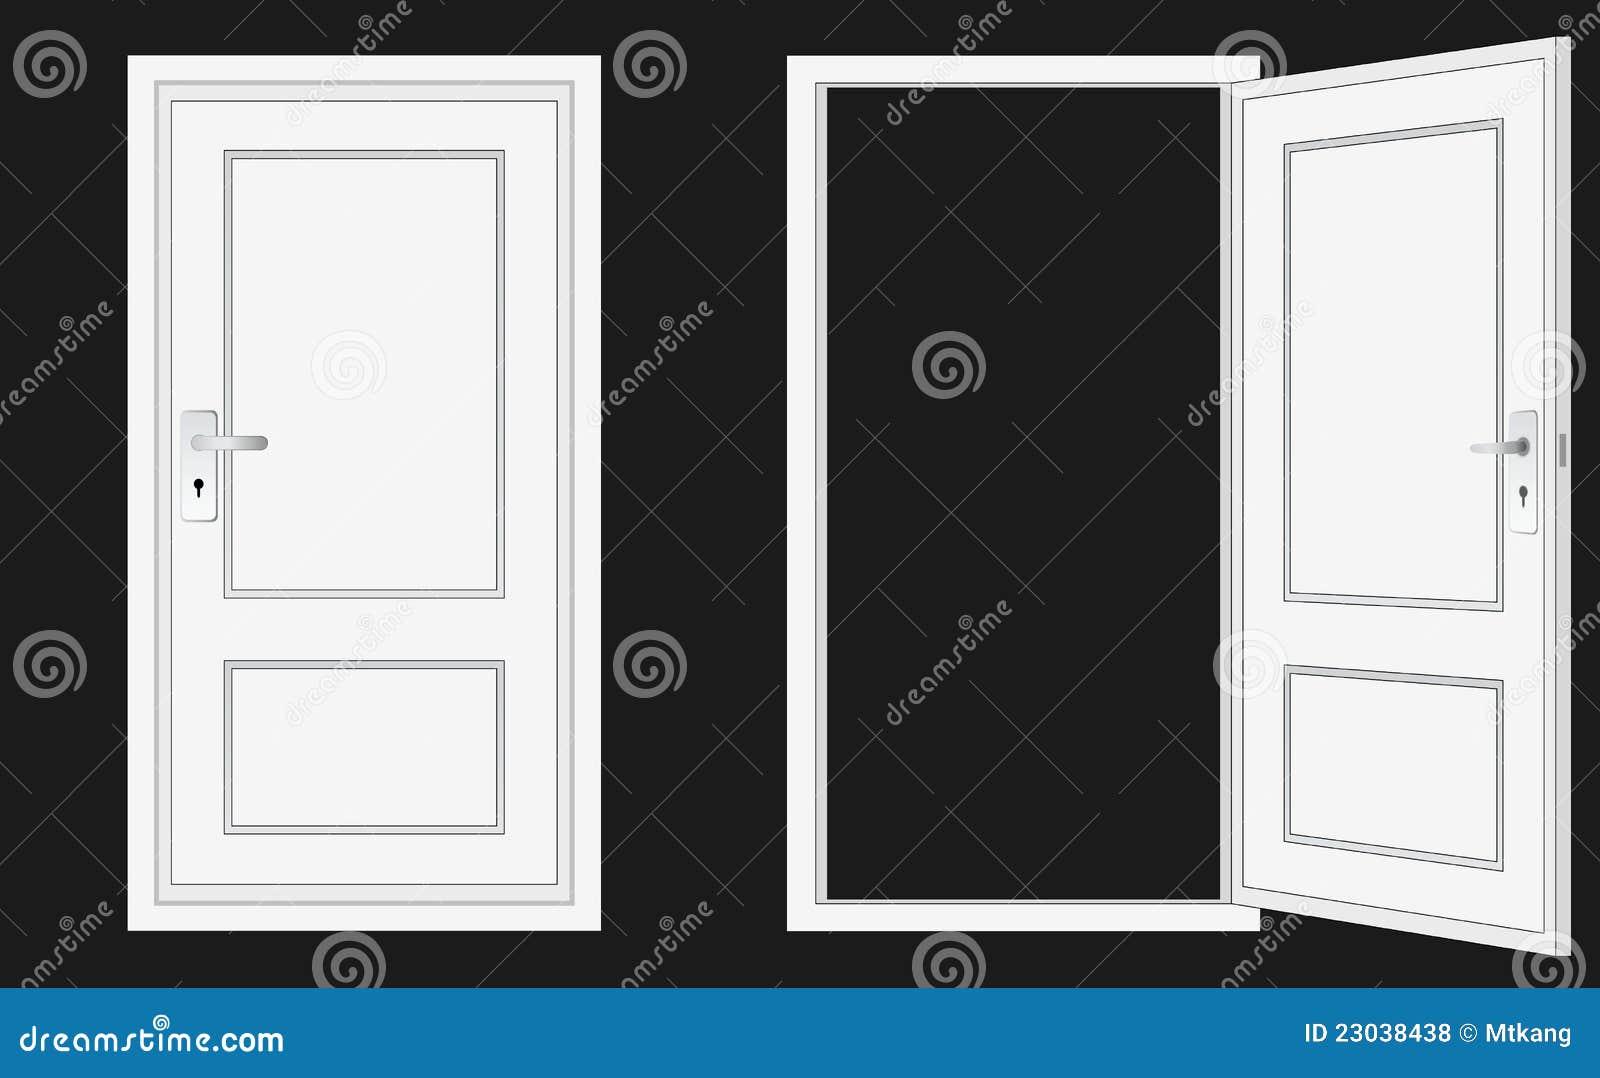 Geschlossene tür  Geöffnete Und Geschlossene Tür Lizenzfreie Stockfotos - Bild: 23038438